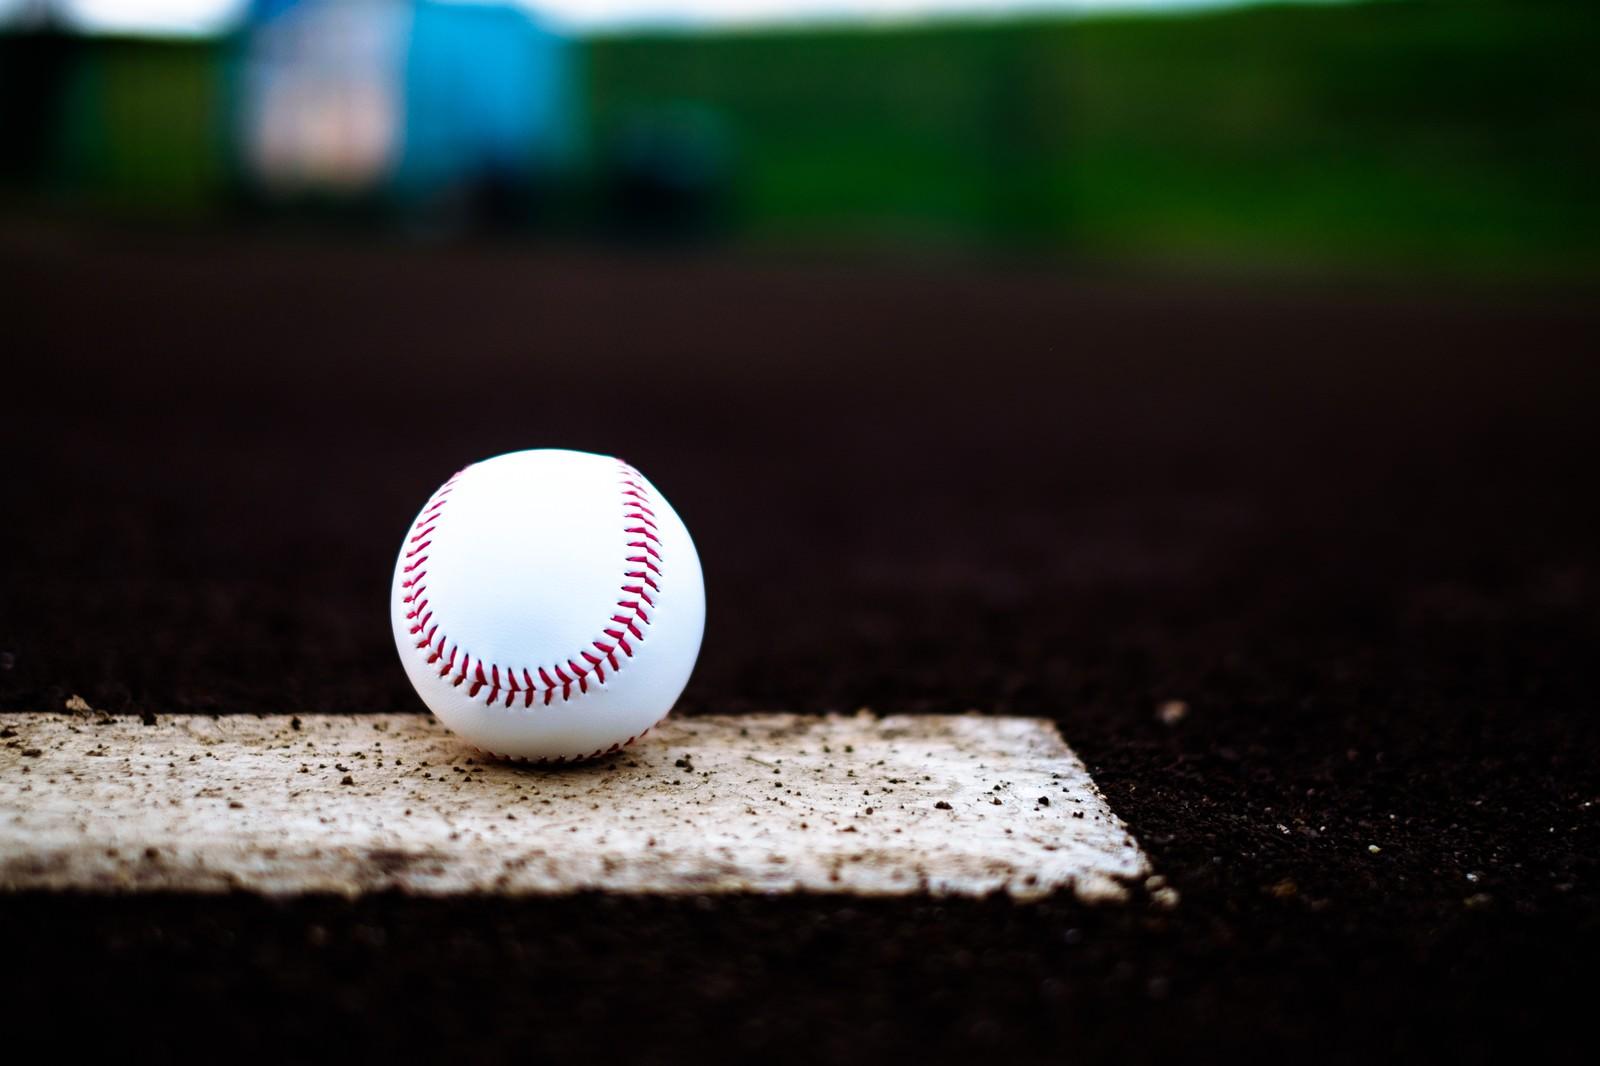 「ベース上に置かれた野球のボール」の写真